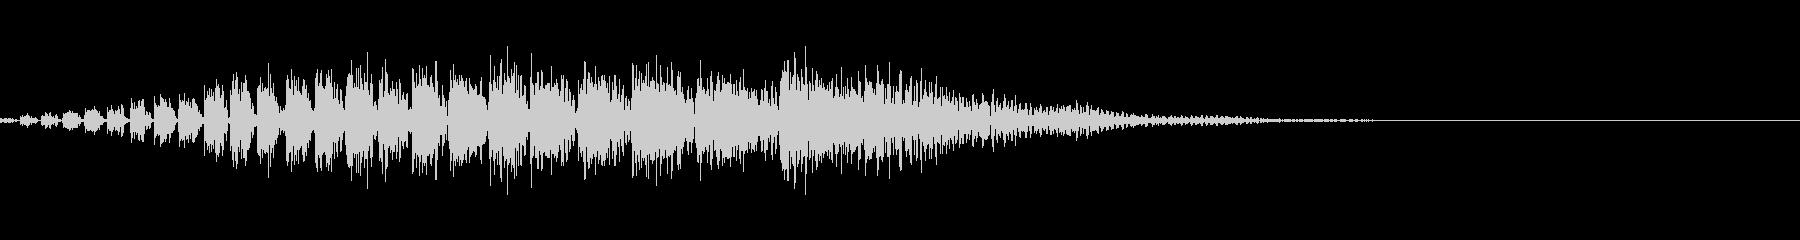 サウンドロゴの未再生の波形